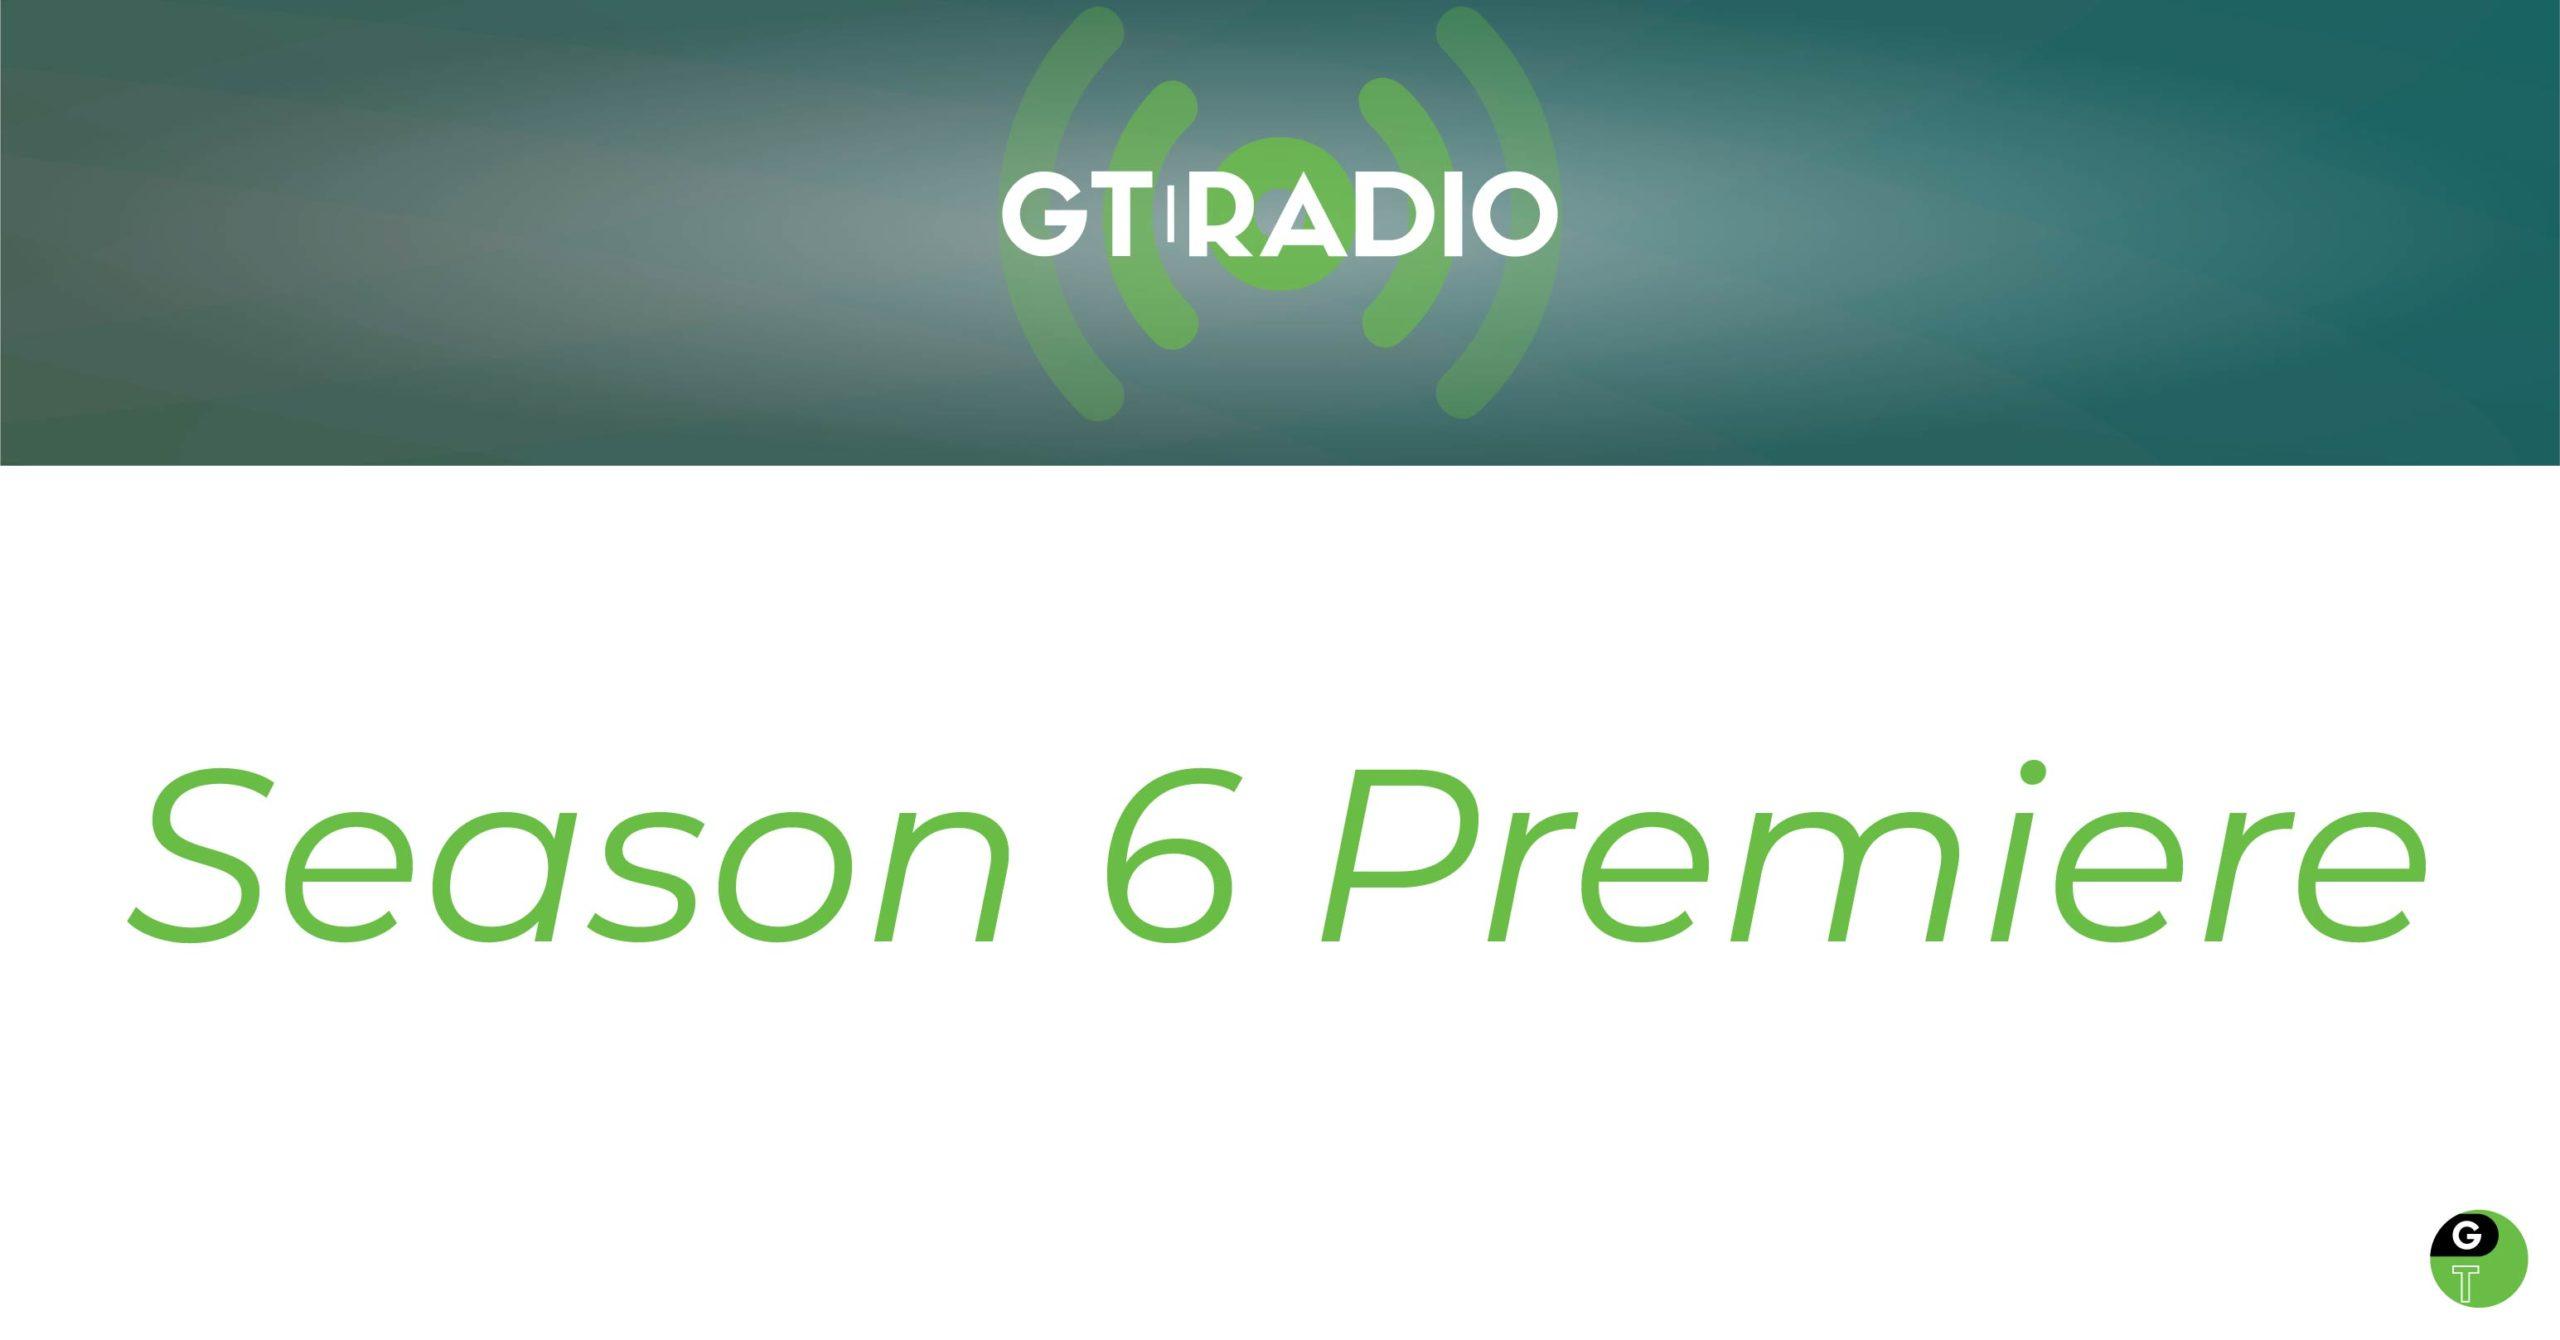 Geek Therapy Season 6 premiere